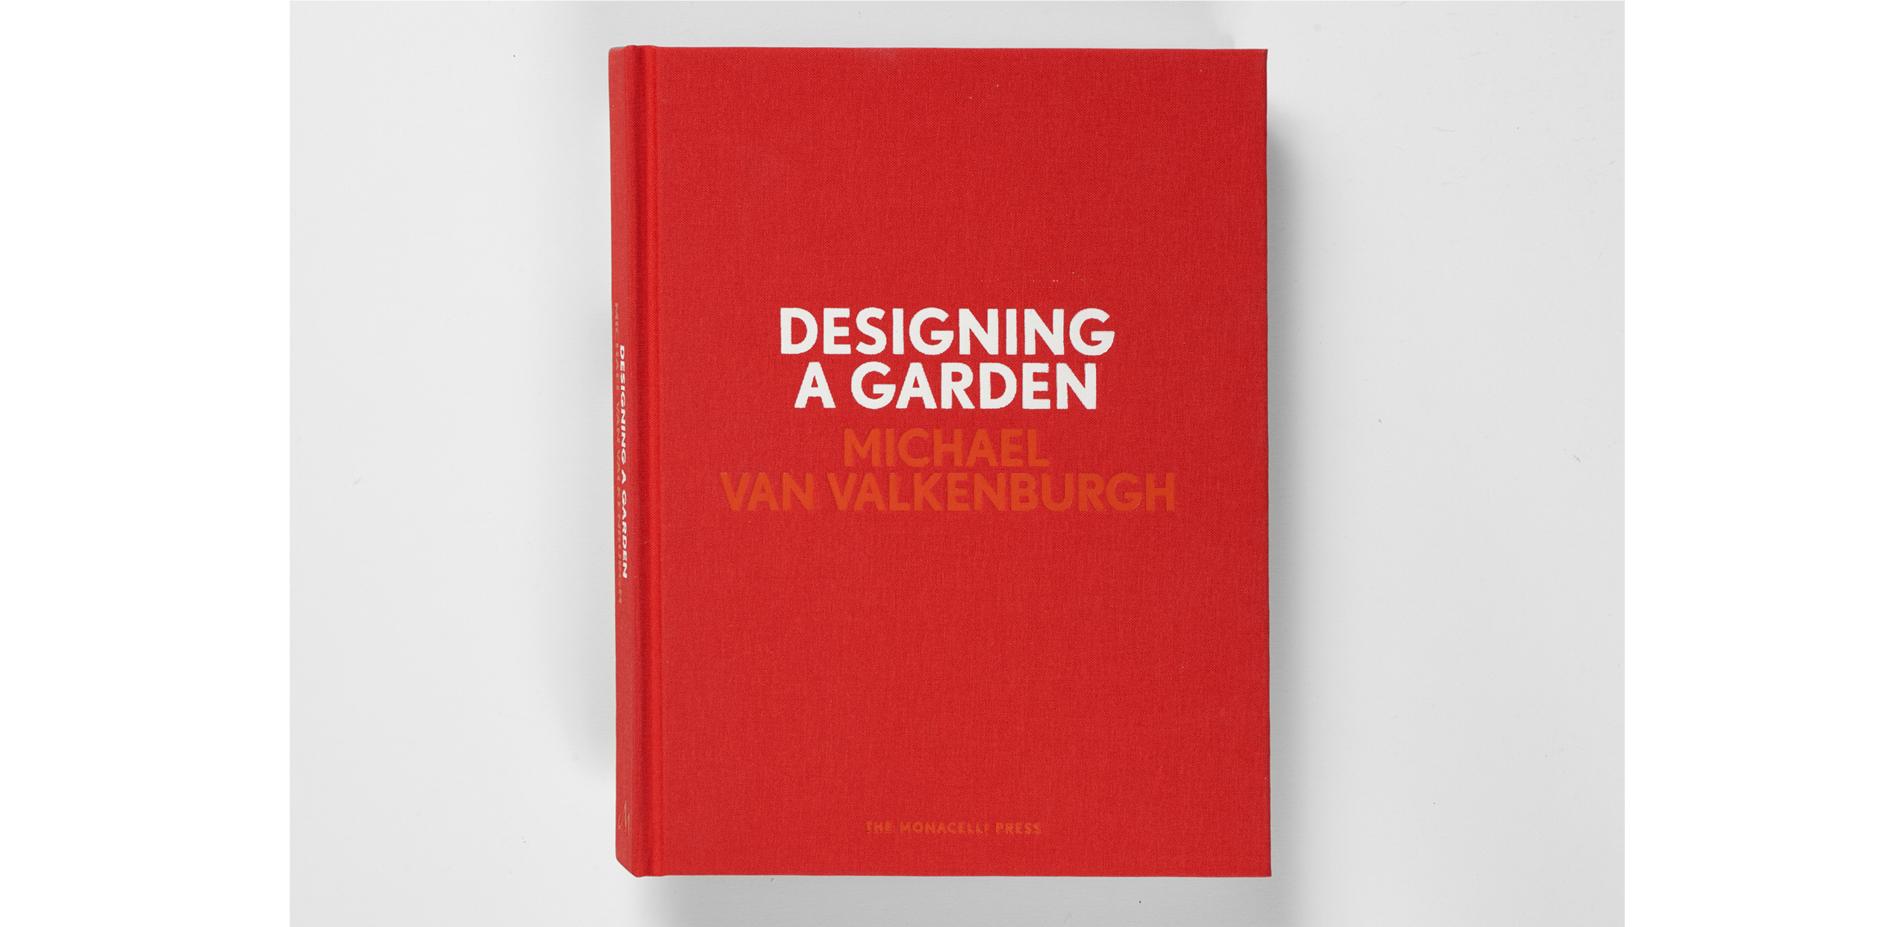 Designing a Garden, Book Cover